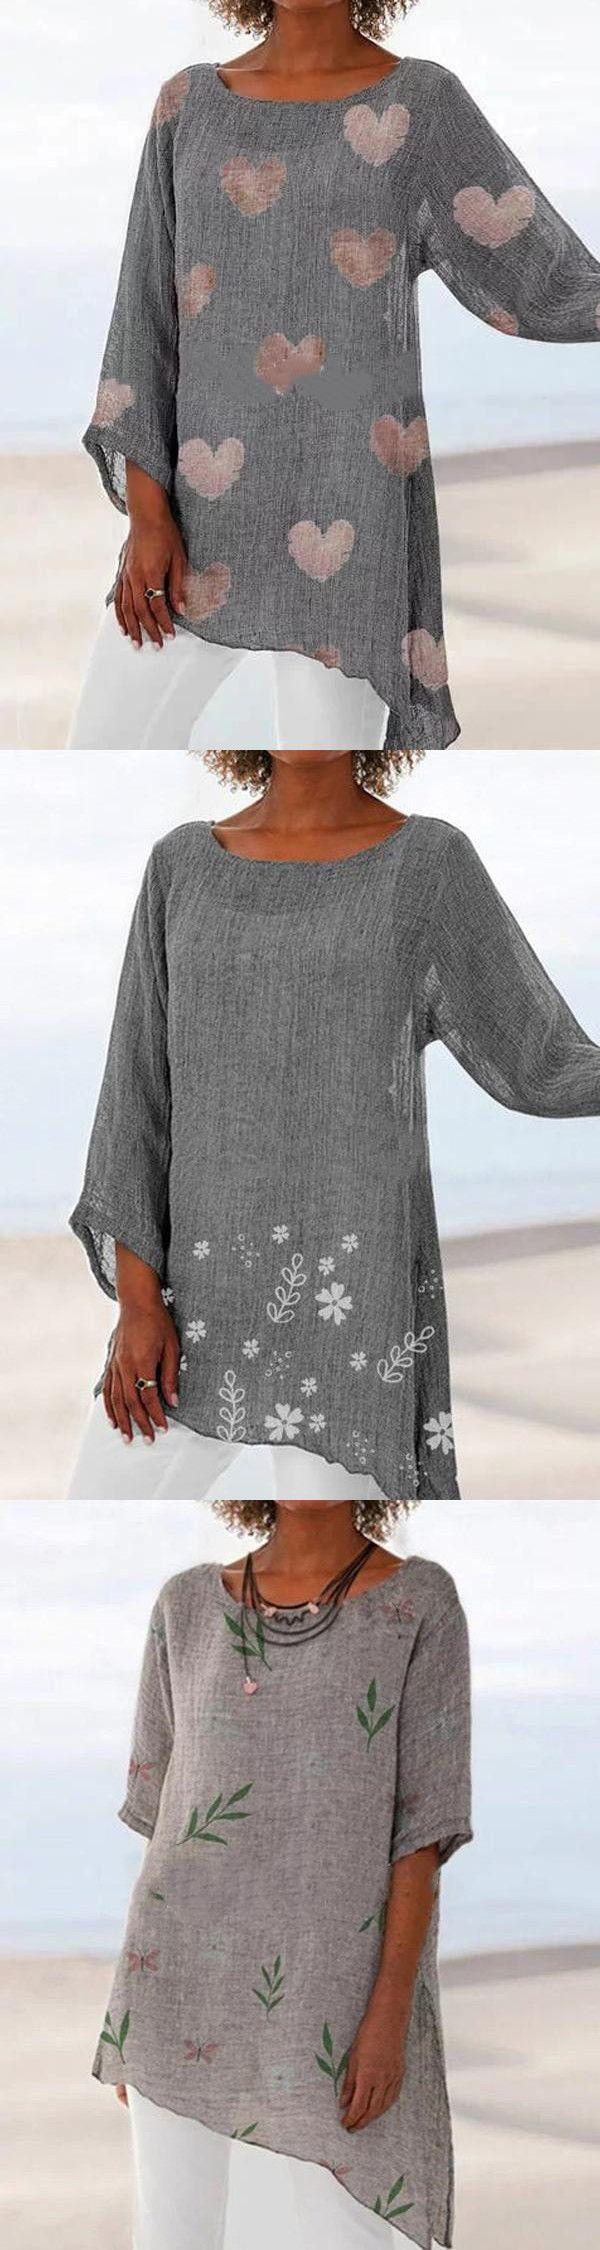 Venda quente! Blusas de verão impressas em tamanho grande para mulheres